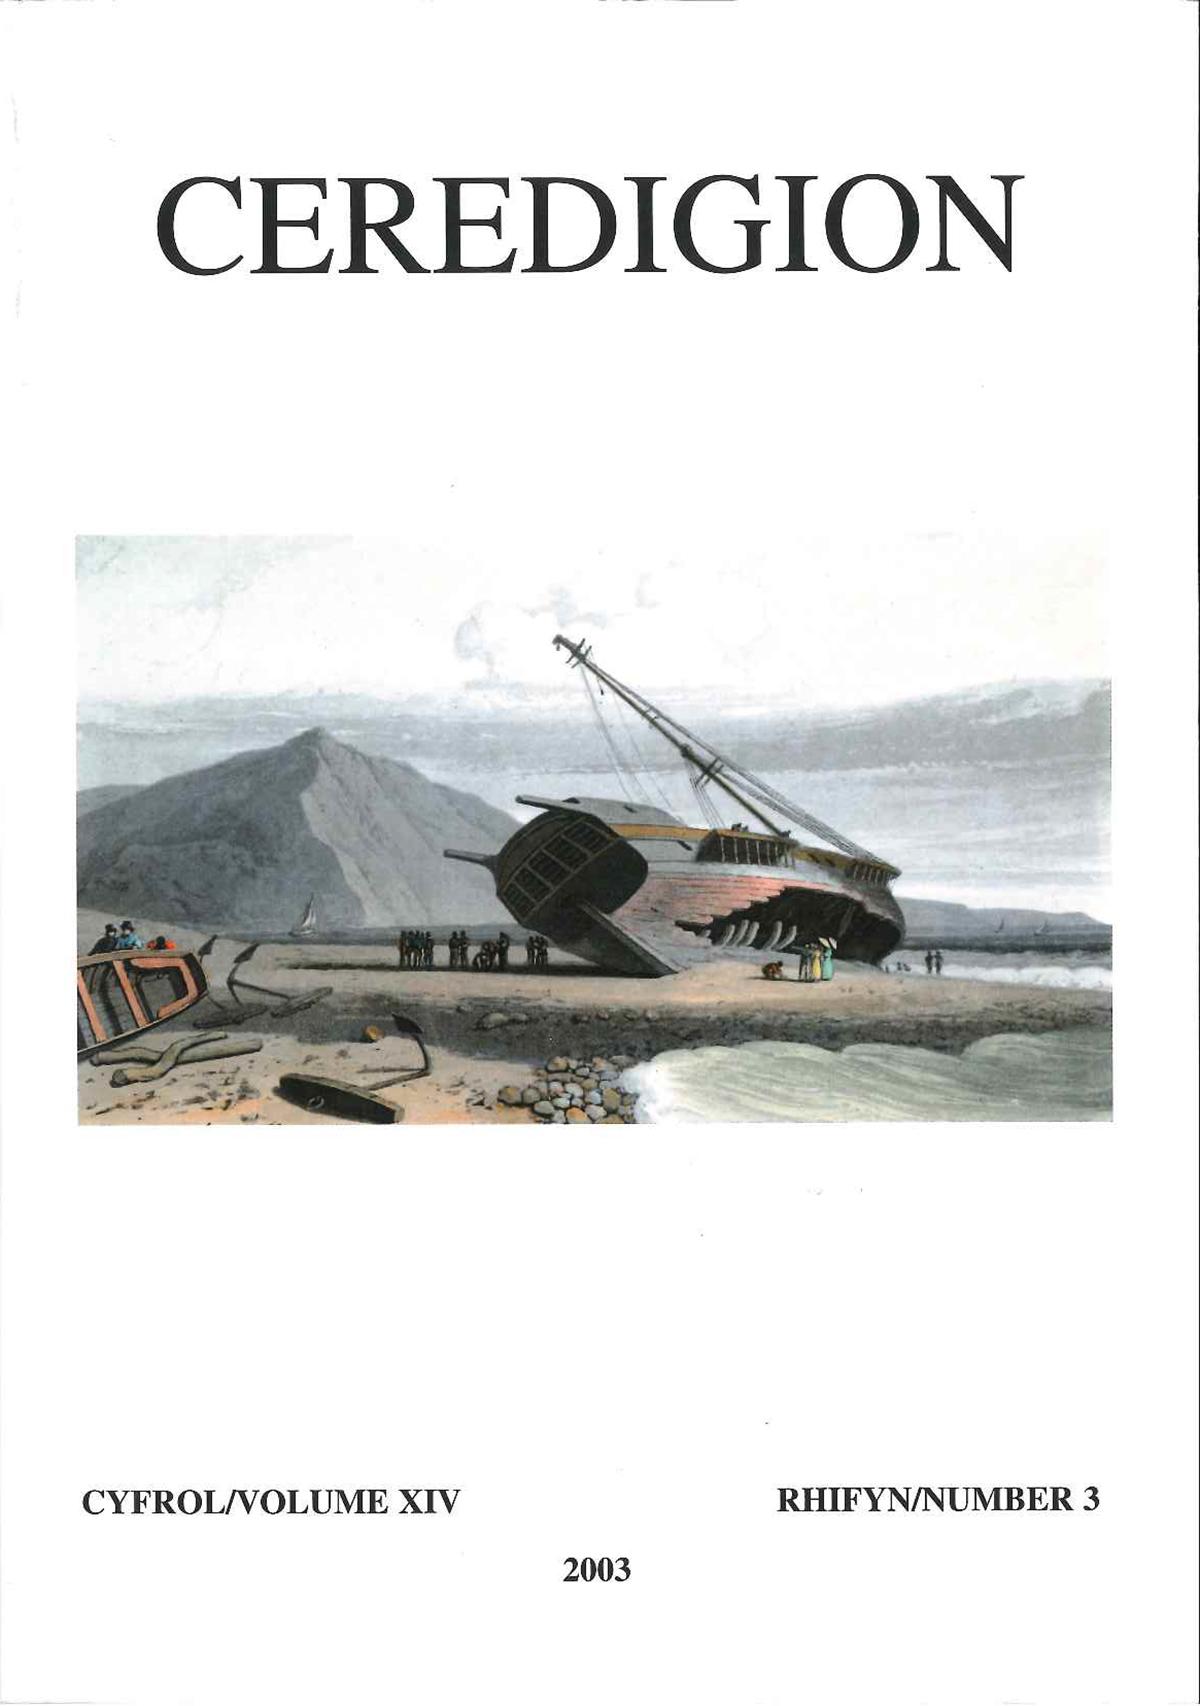 Ceredigion Journal of the Ceredigion Historical Society Vol XIV, No 3 2003 - ISBN 0069 2263